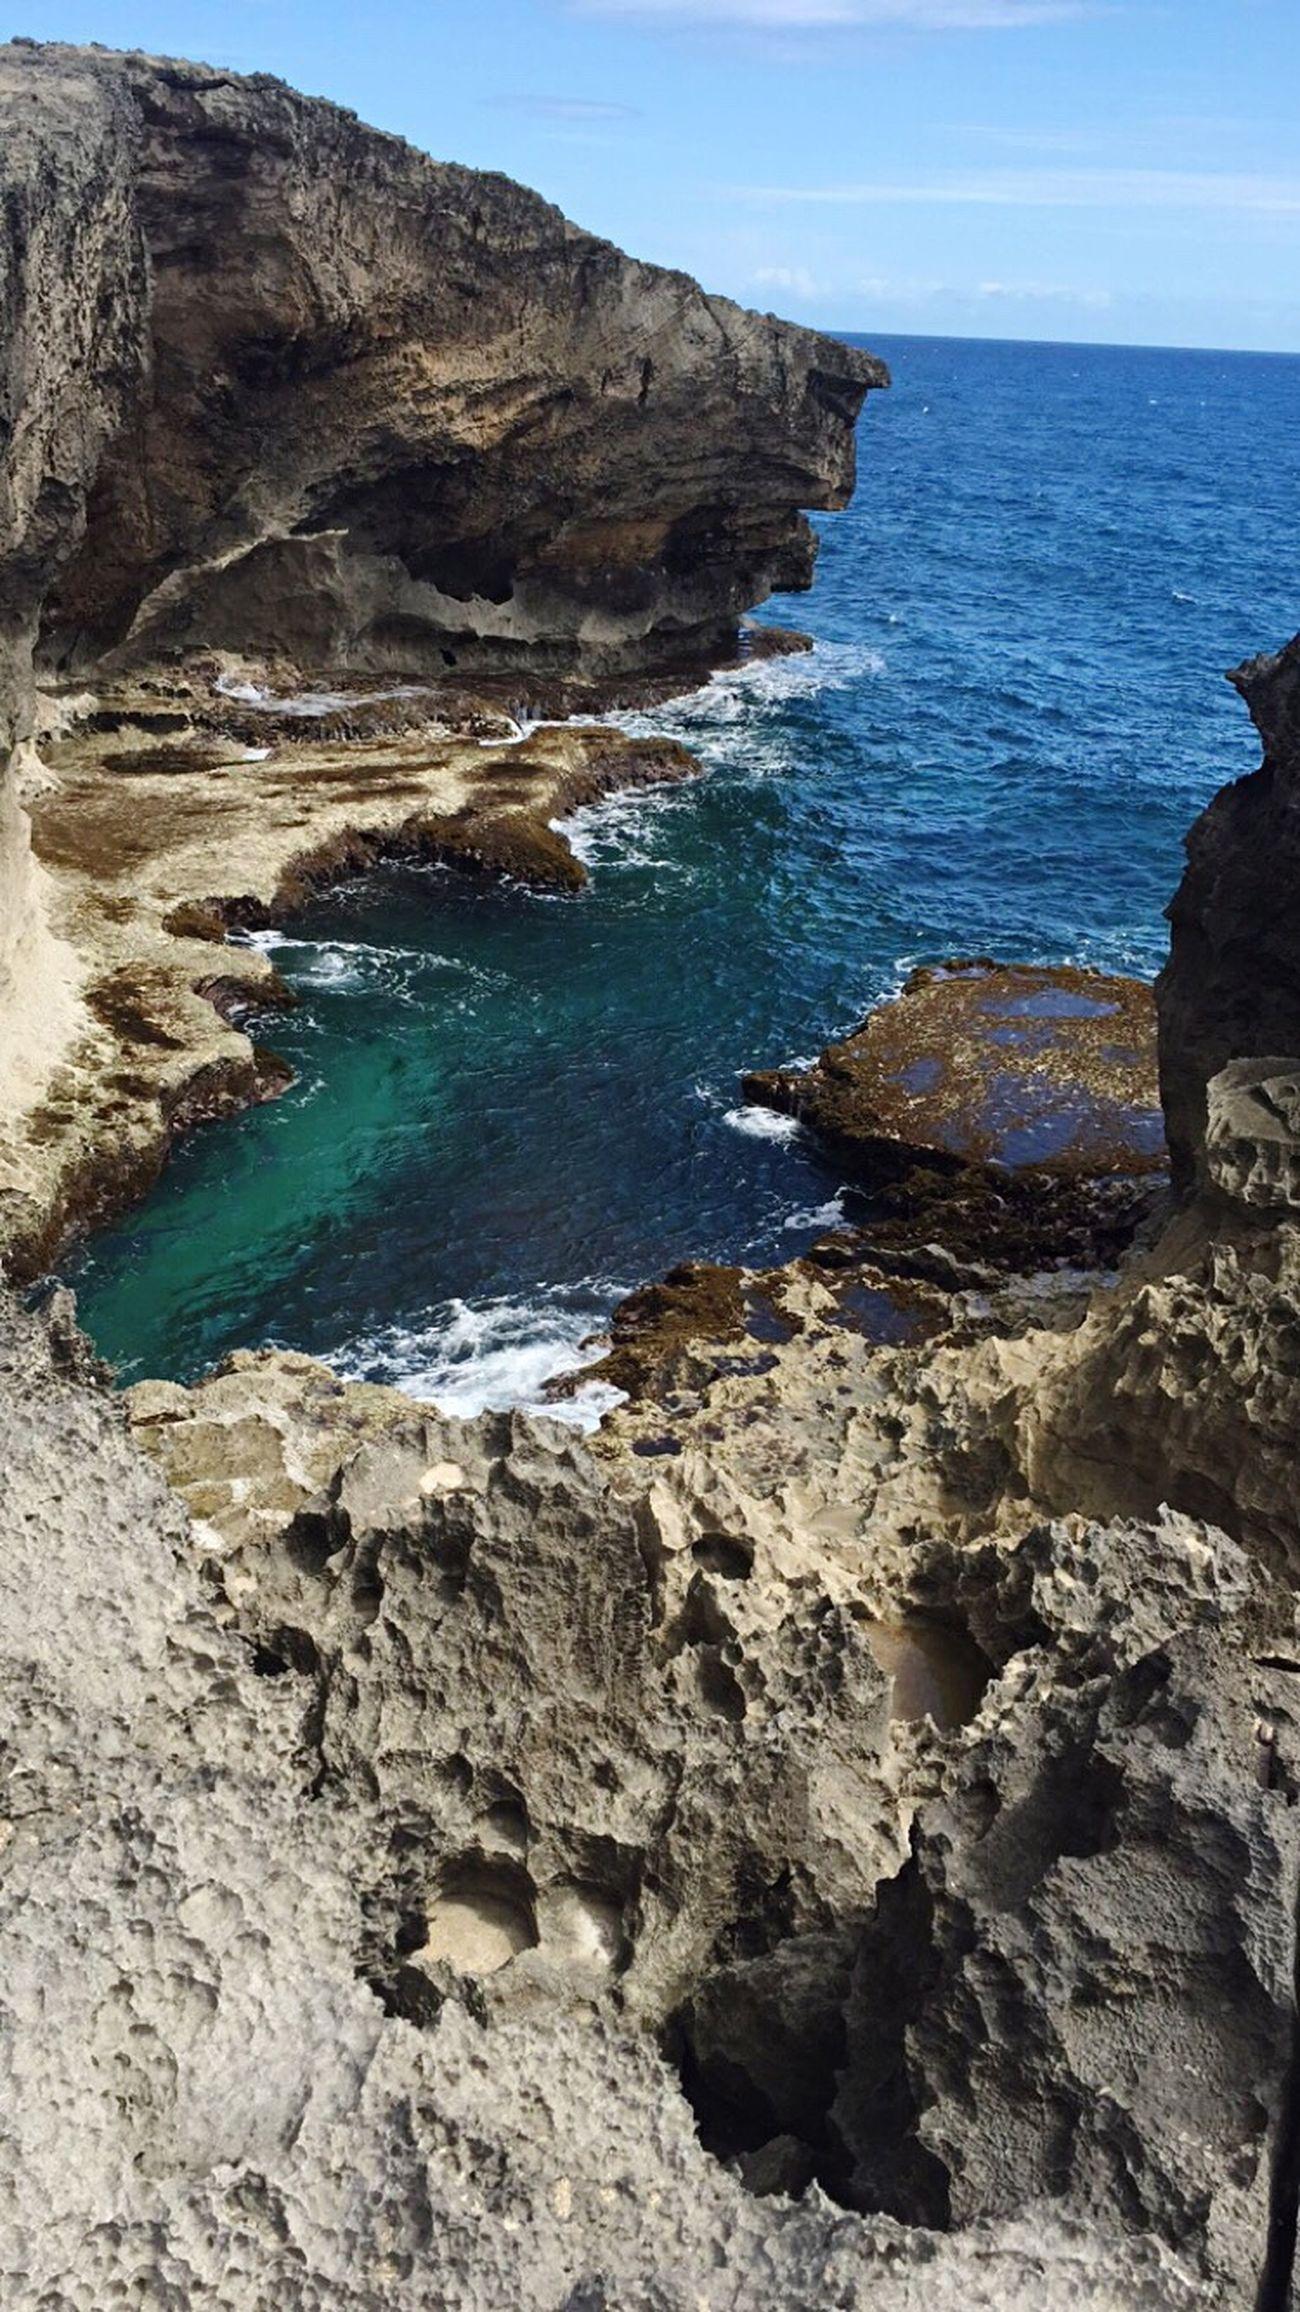 La Cueva Del Indio Cueva Del Indio Puertorro  Puerto Rico 100X35 Cielo Cielo Azul Playa Cueva Piedra